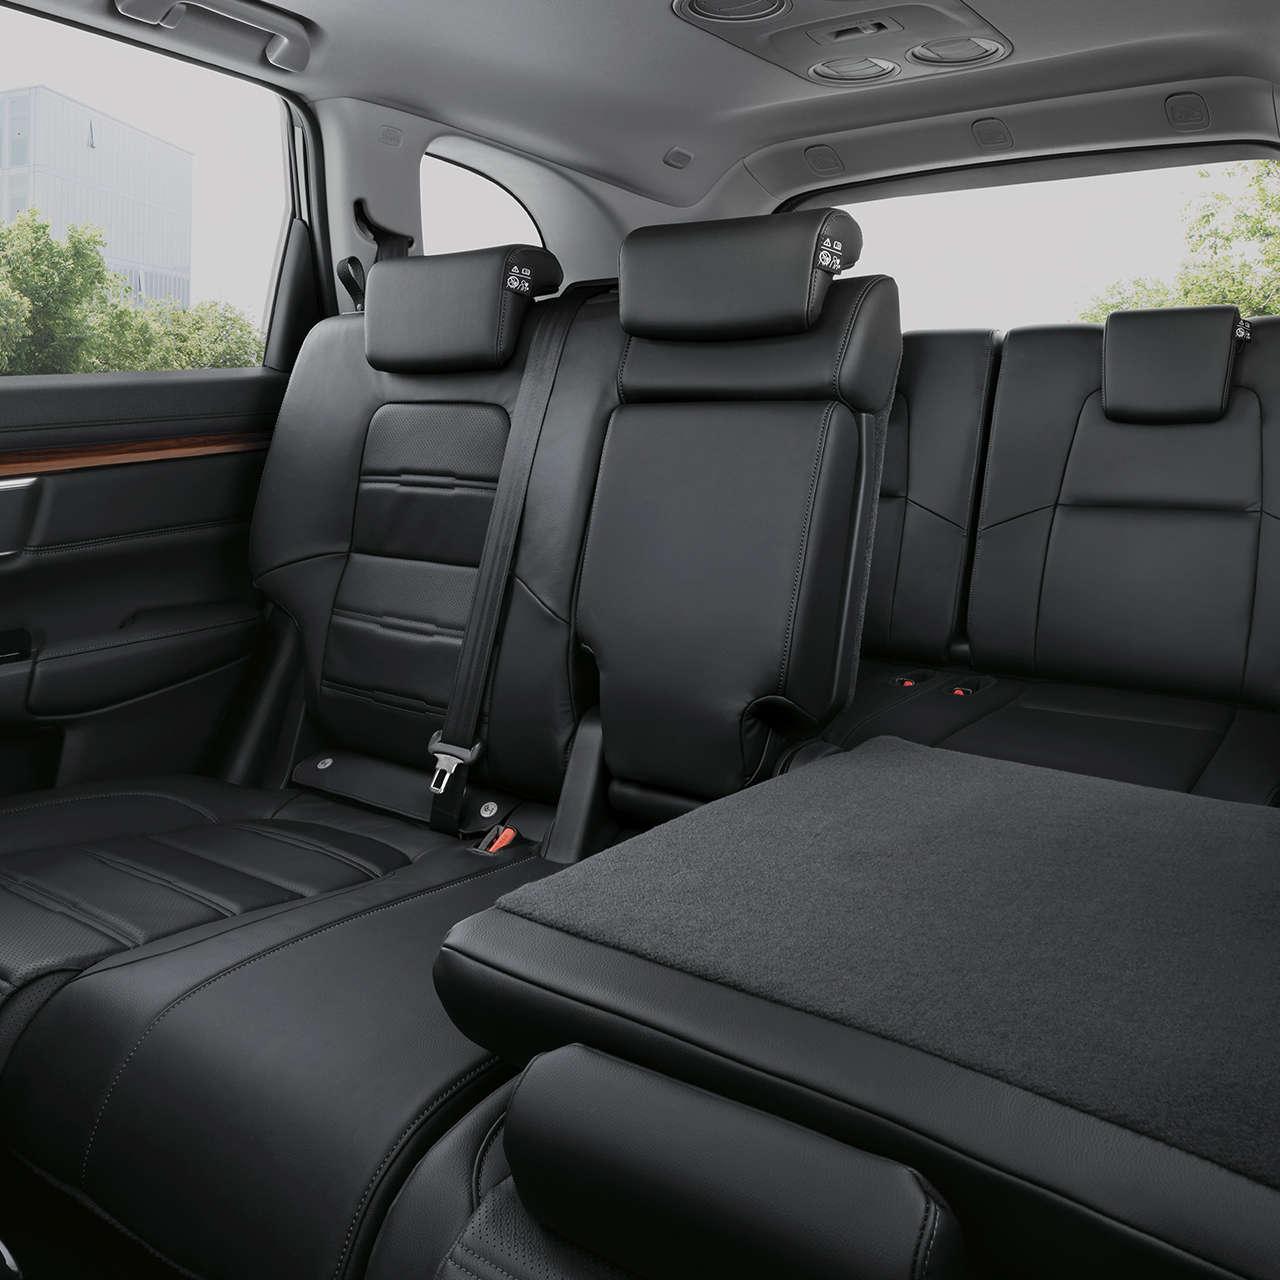 2019 Mazda Cx 5 Diesel: Honda Crv 2019 7 Seater Interior